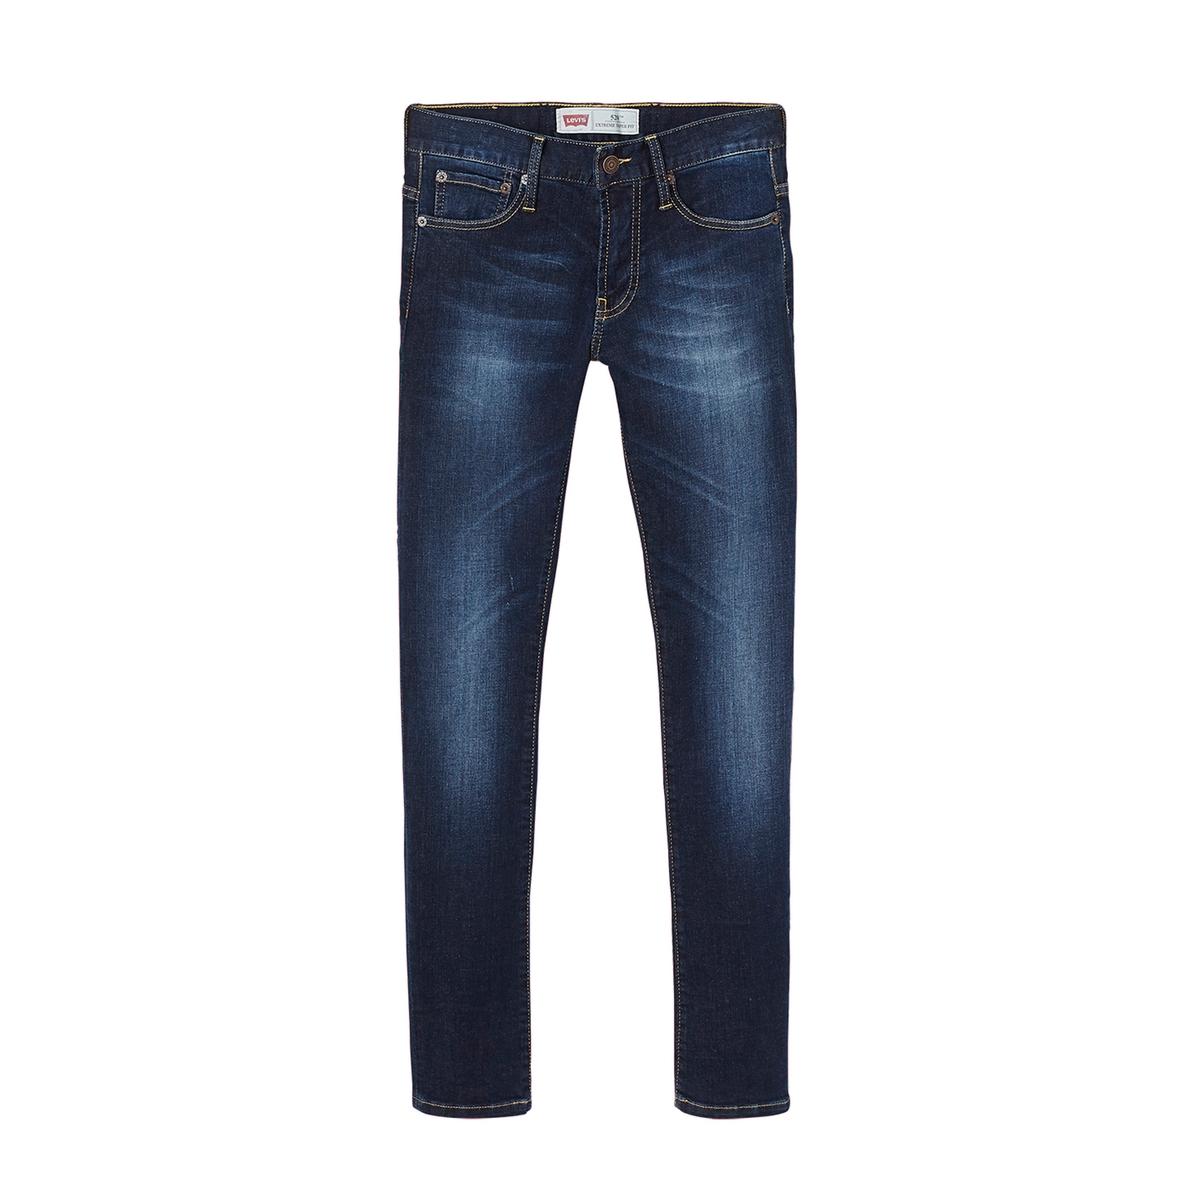 Jeans Skinny taglio 520 3 - 16 anni